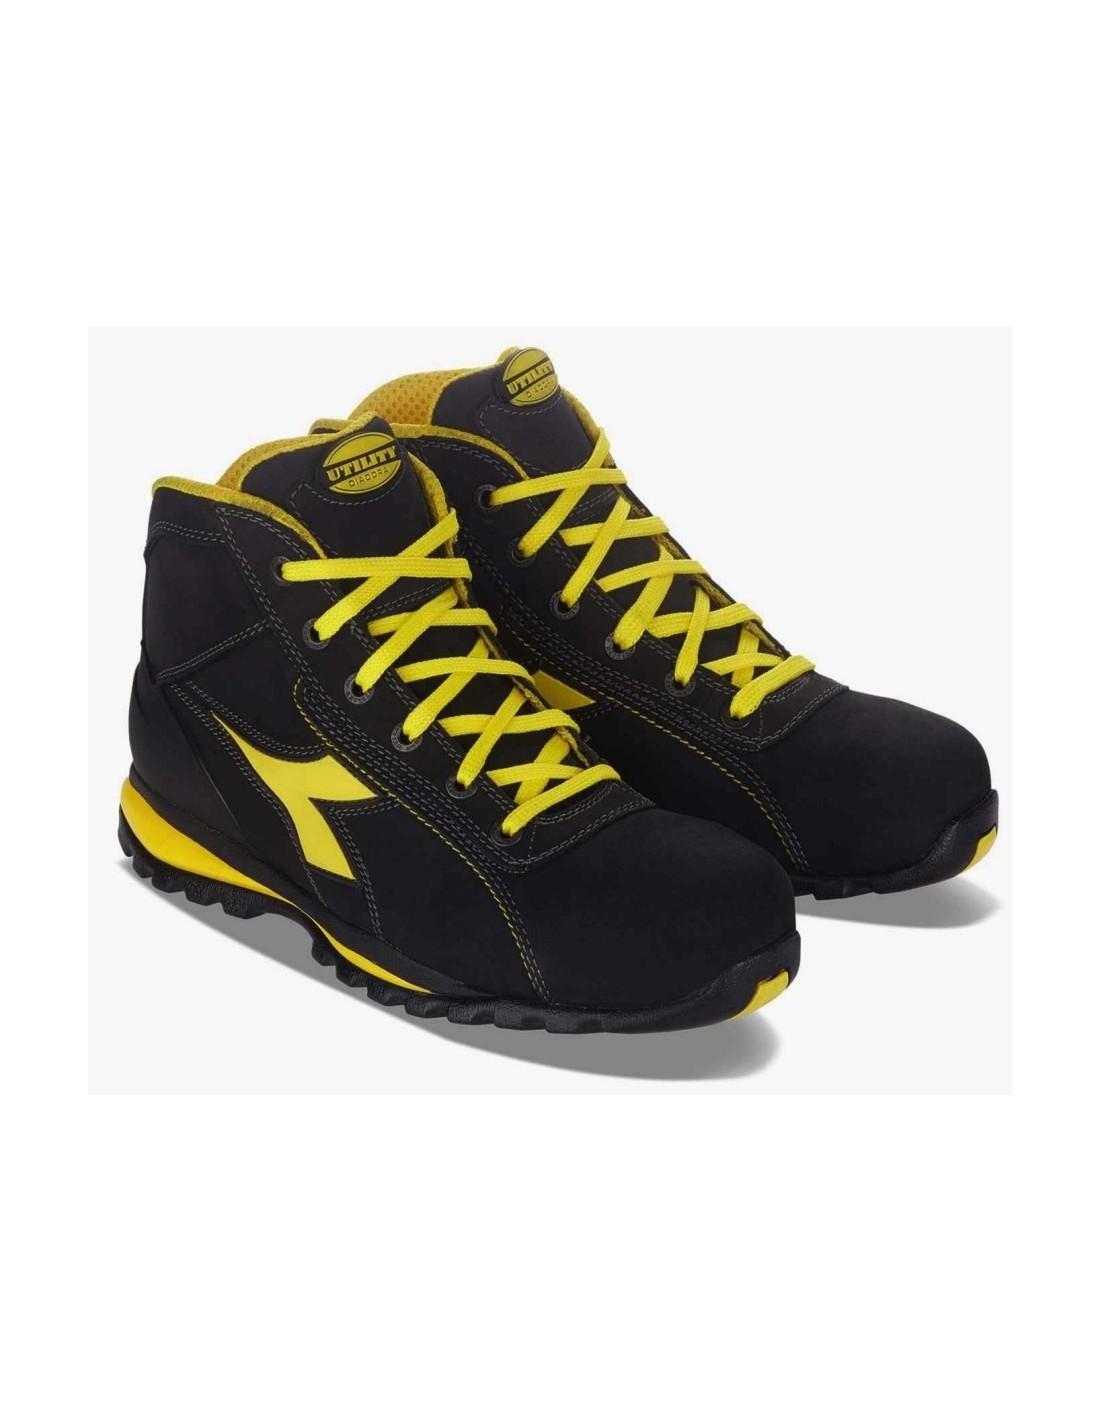 Scarpe antinfortunistiche Diadora Glove II S3 alte colore nero